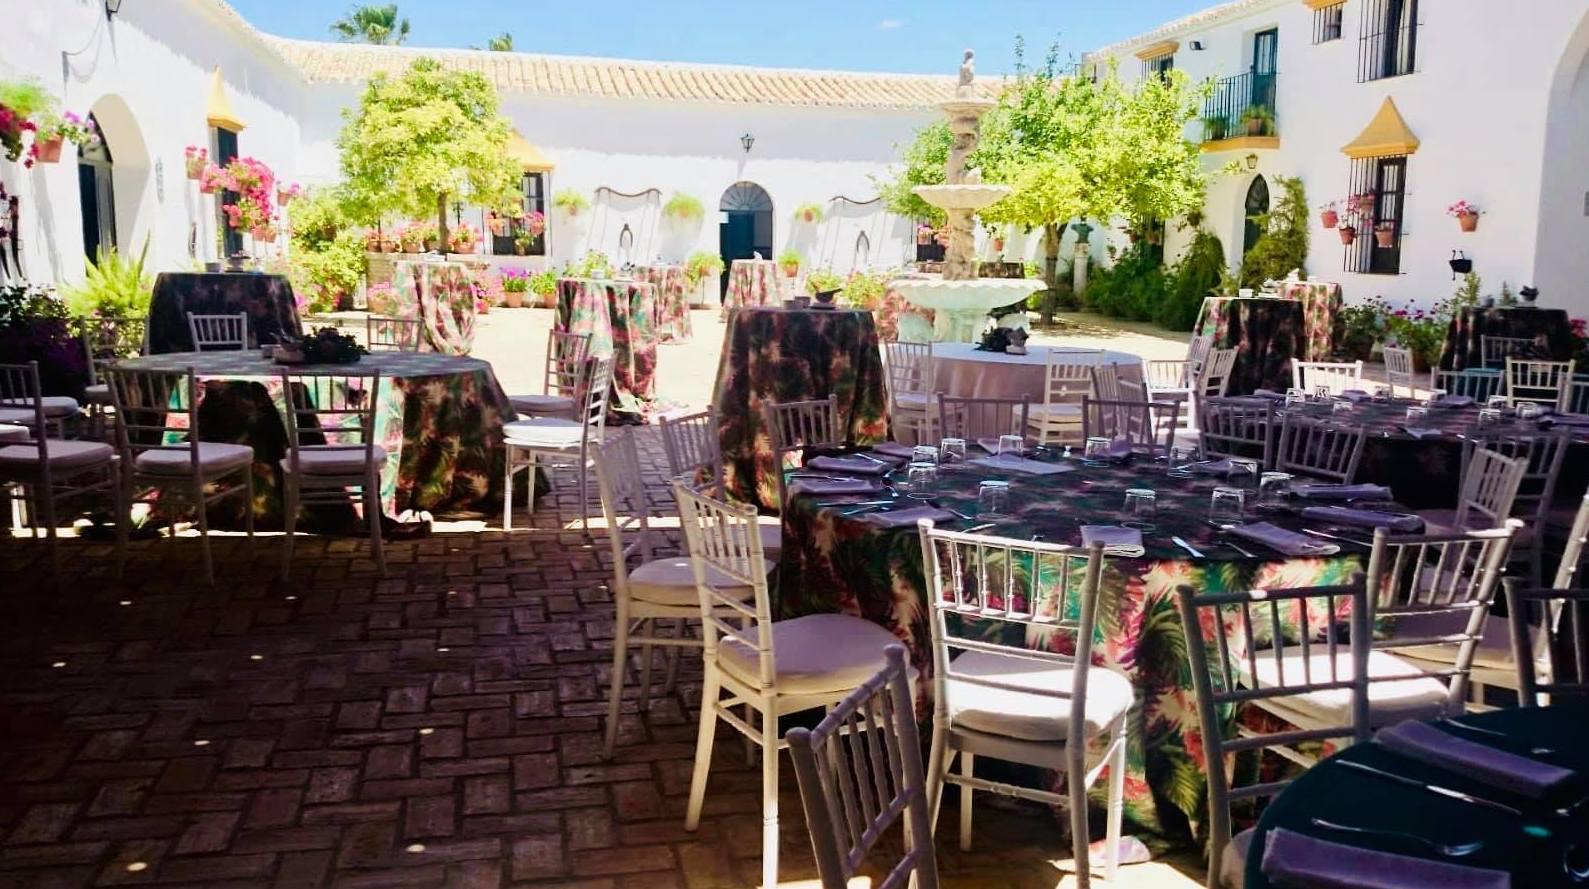 Foto 7 de Celebración de bodas en Alcalá de Guadaíra | Hacienda Mendieta